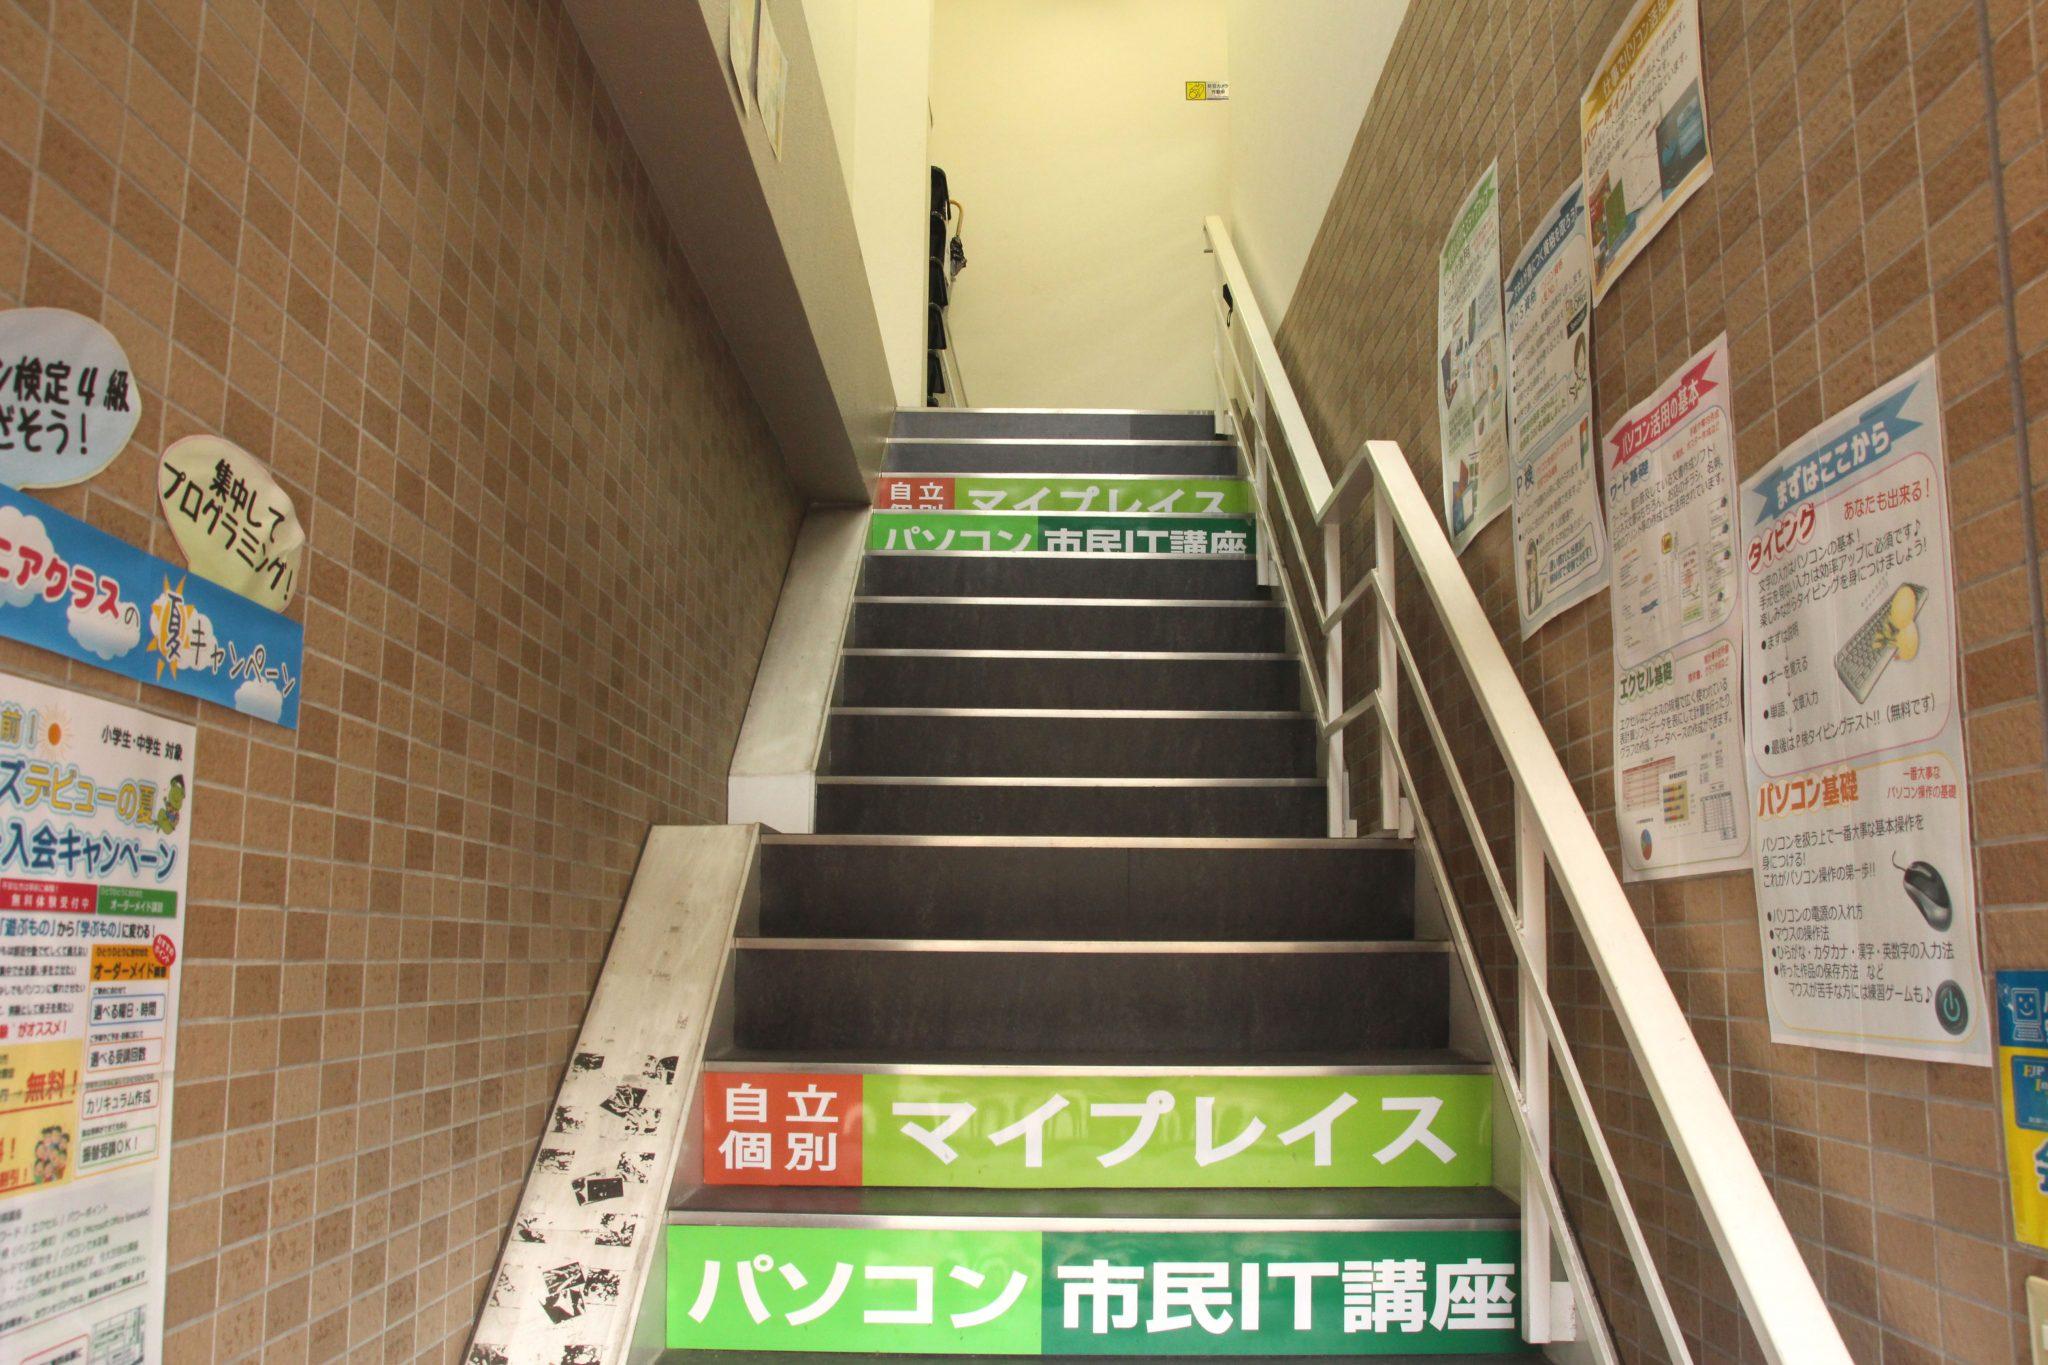 横の階段で2Fへ